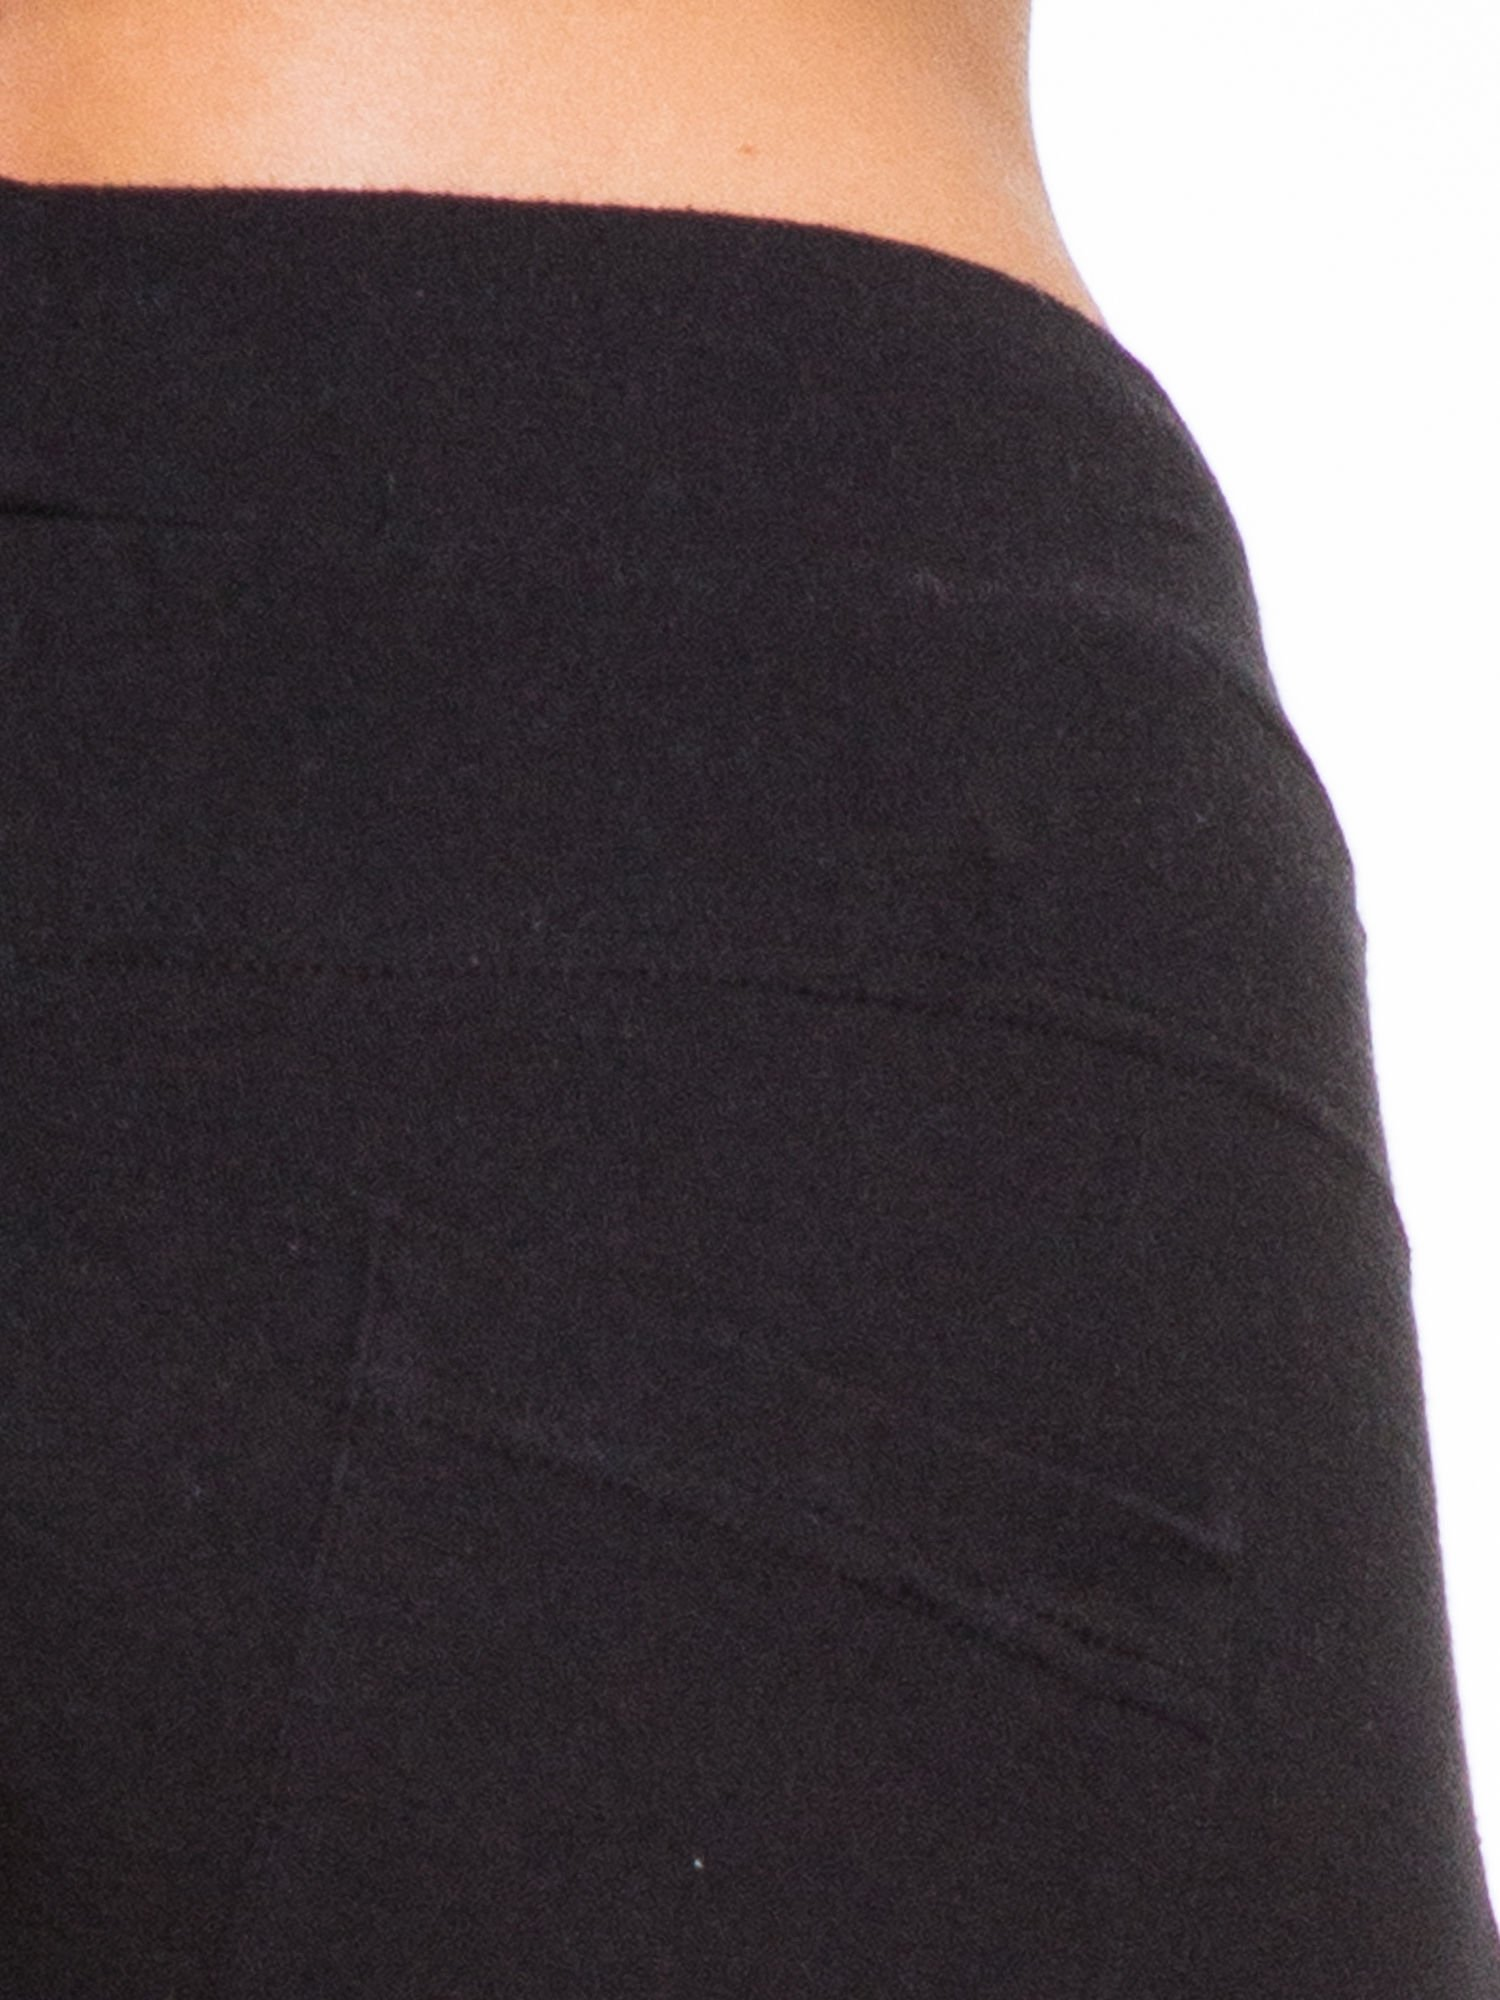 Czarne spodnie dresowe wiązane w pasie                                  zdj.                                  6